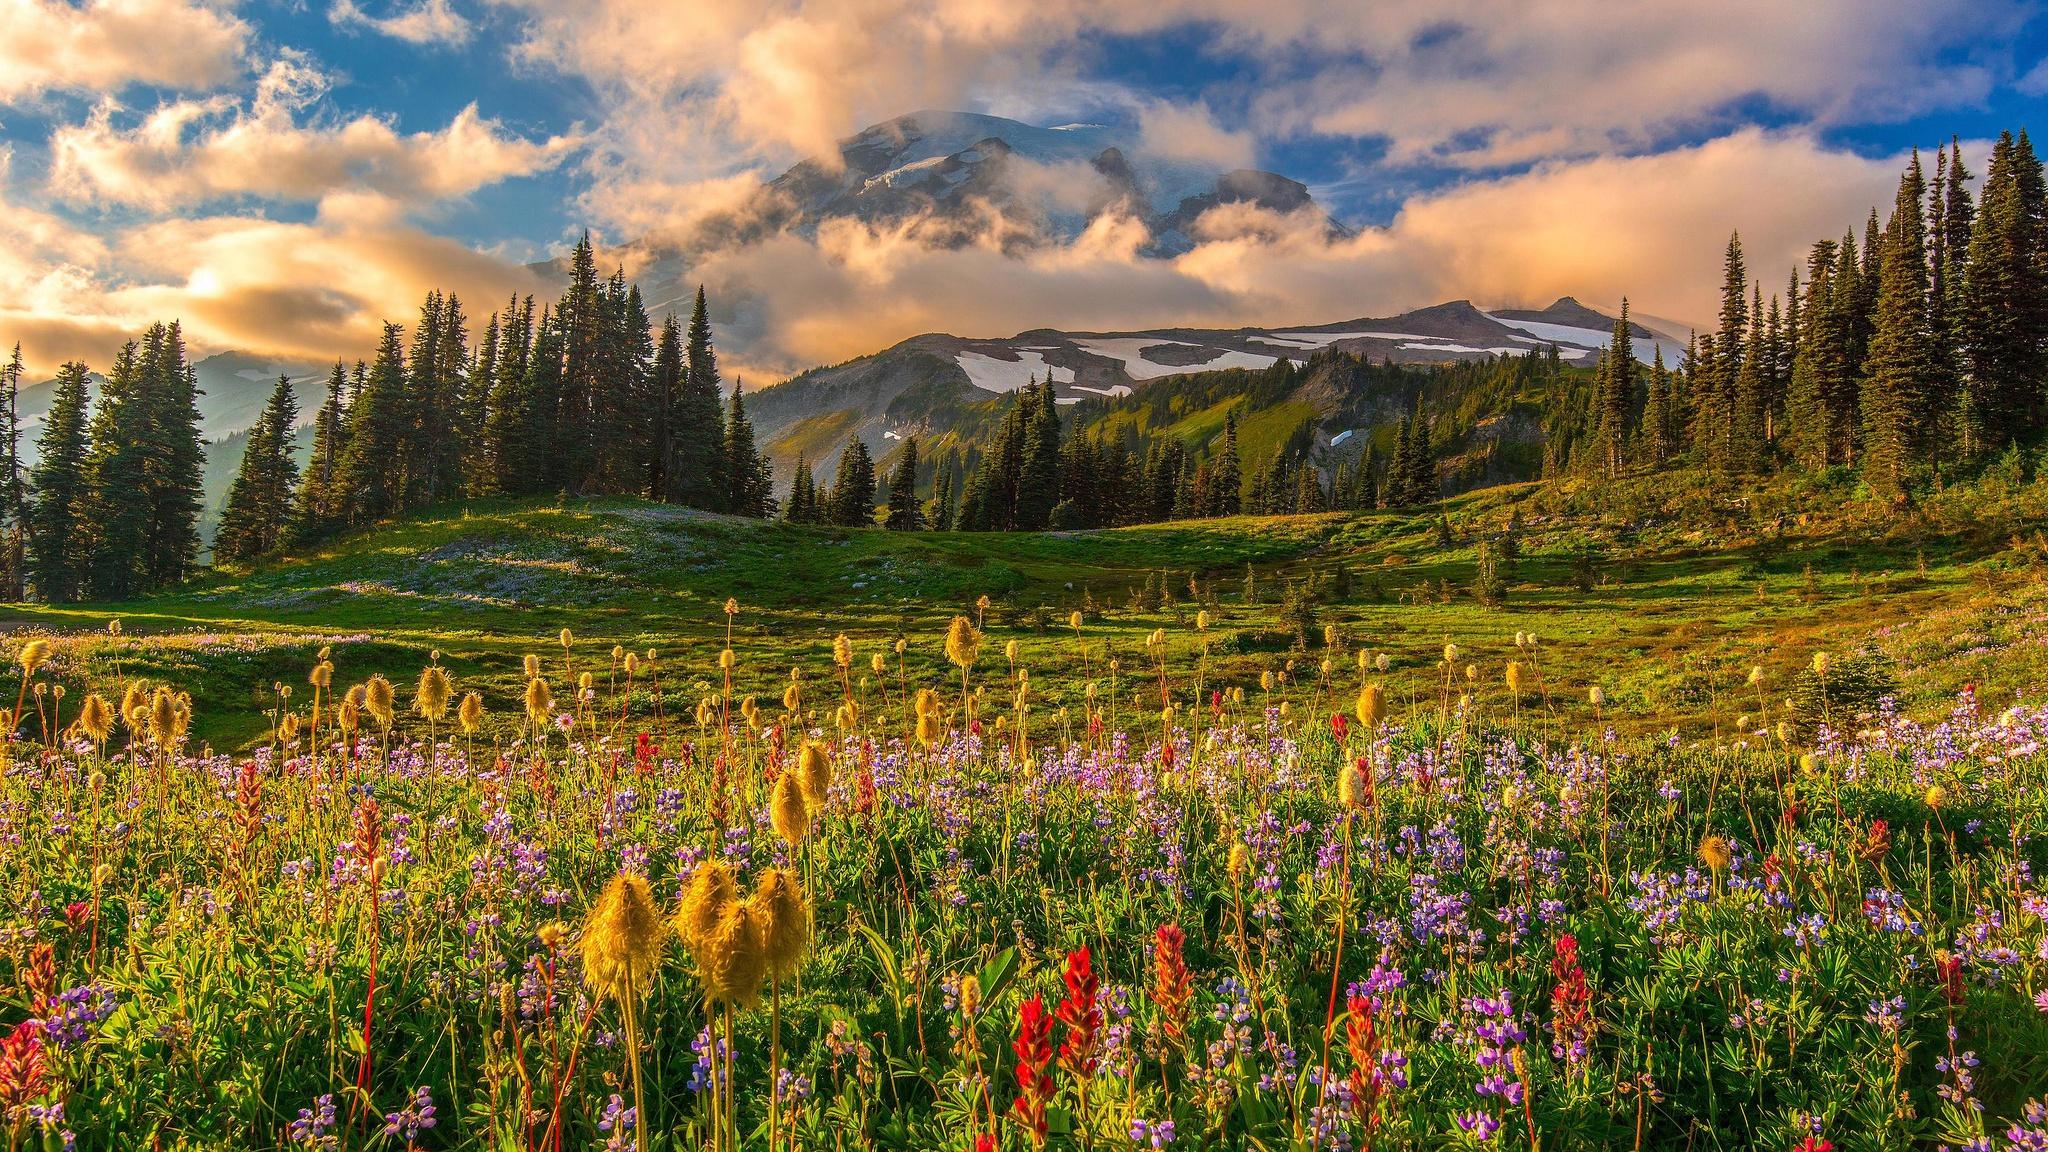 картинки лето цветы горы поняла это